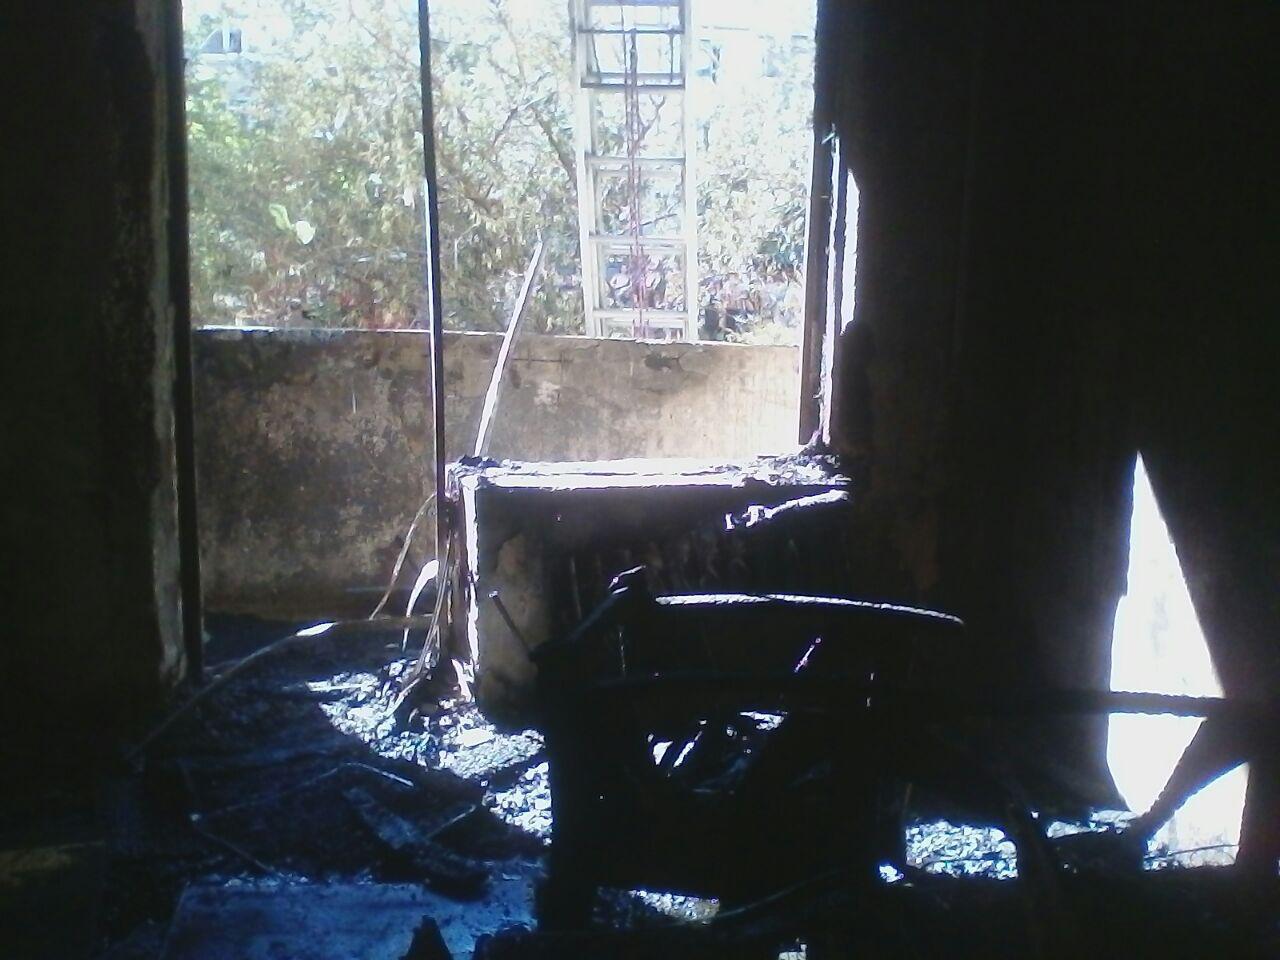 В Харькове произошел взрыв в жилом доме, много пострадавших: опубликованы фото